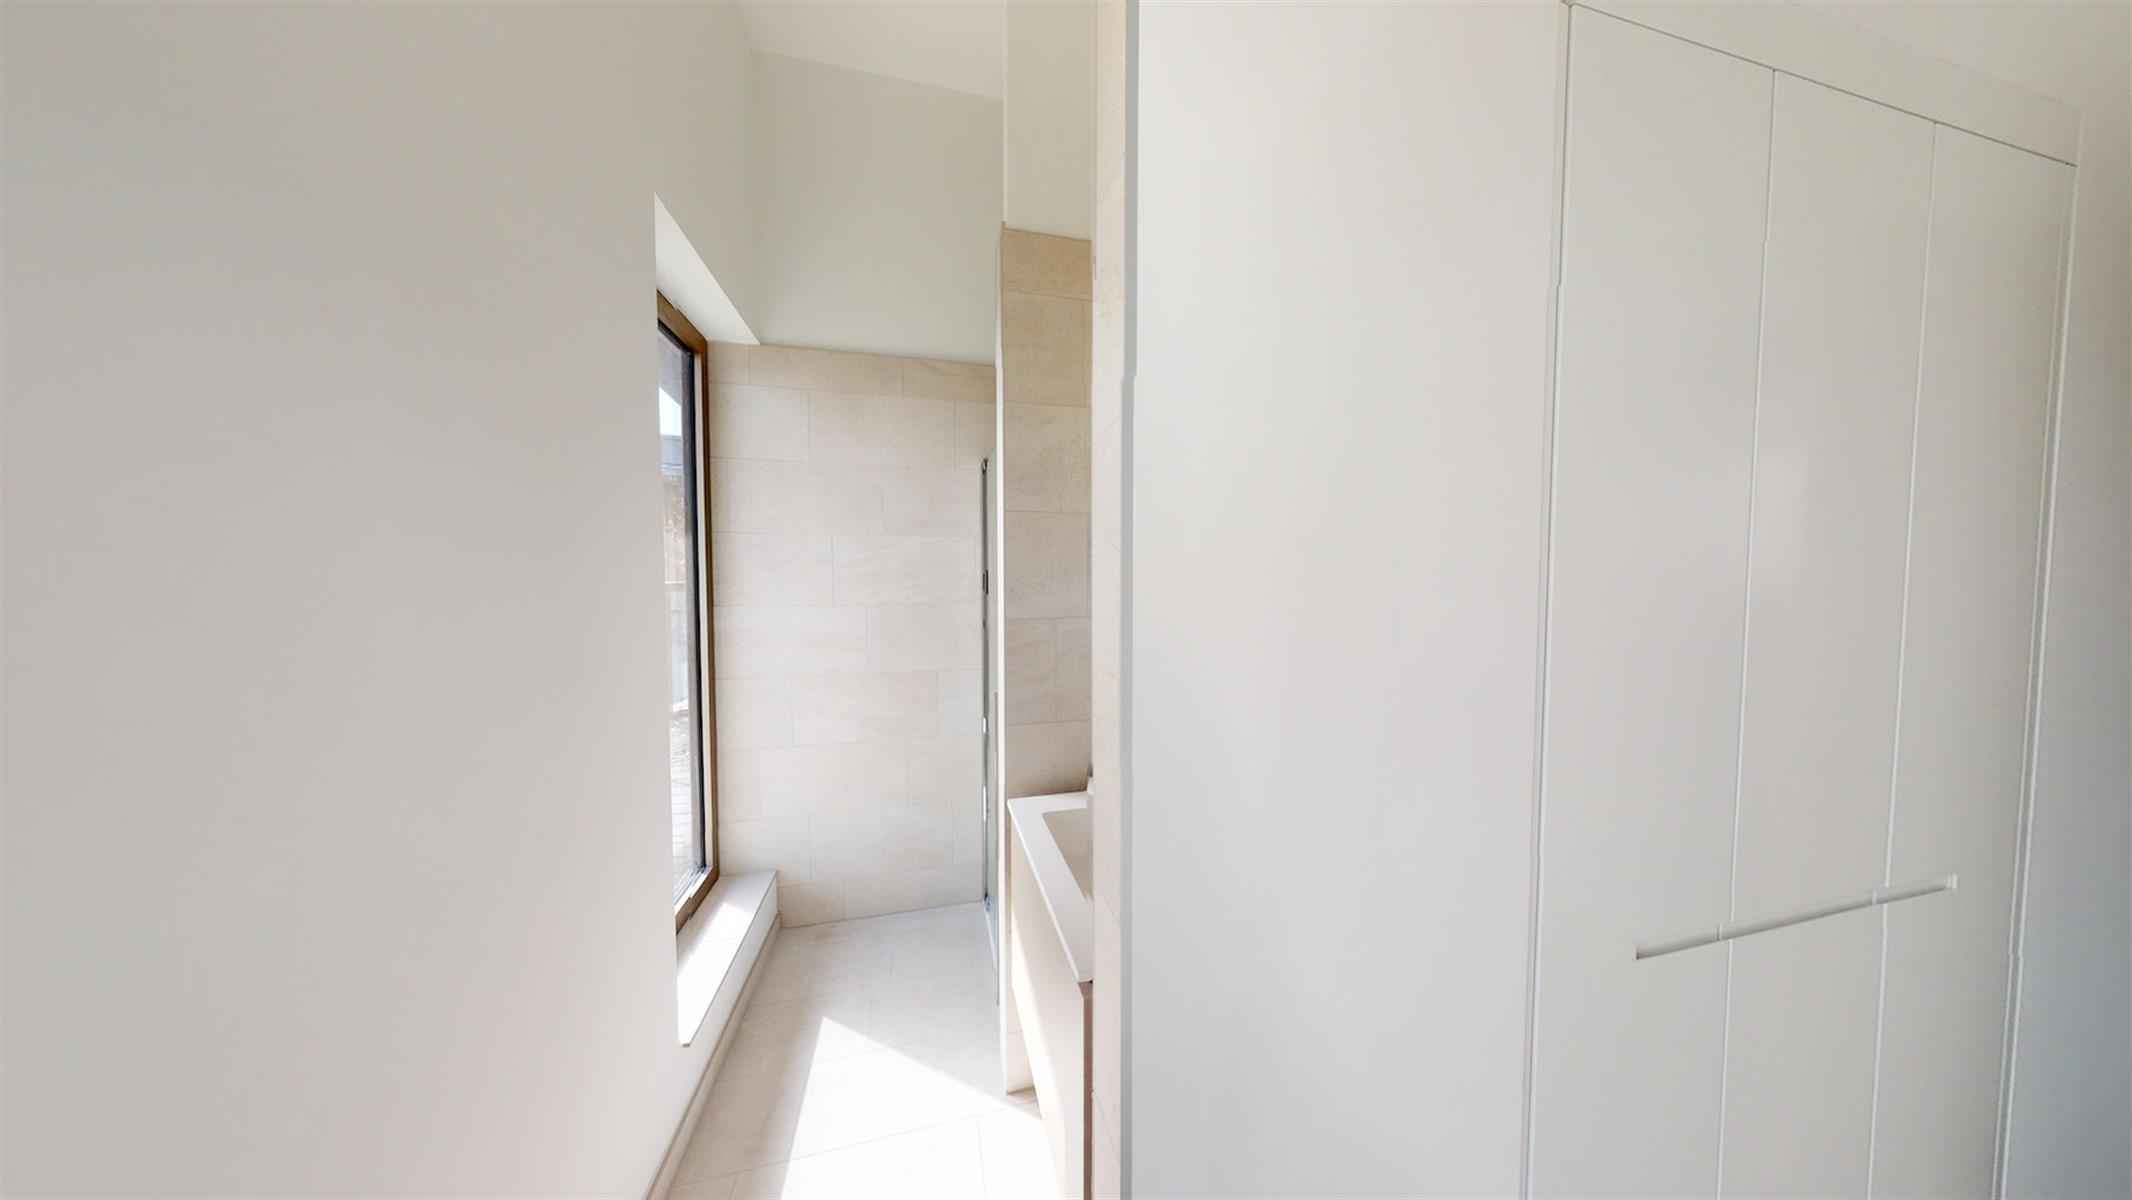 Makelaarskantoor De Meester, Appartement|Appartement te 2000 Antwerpen